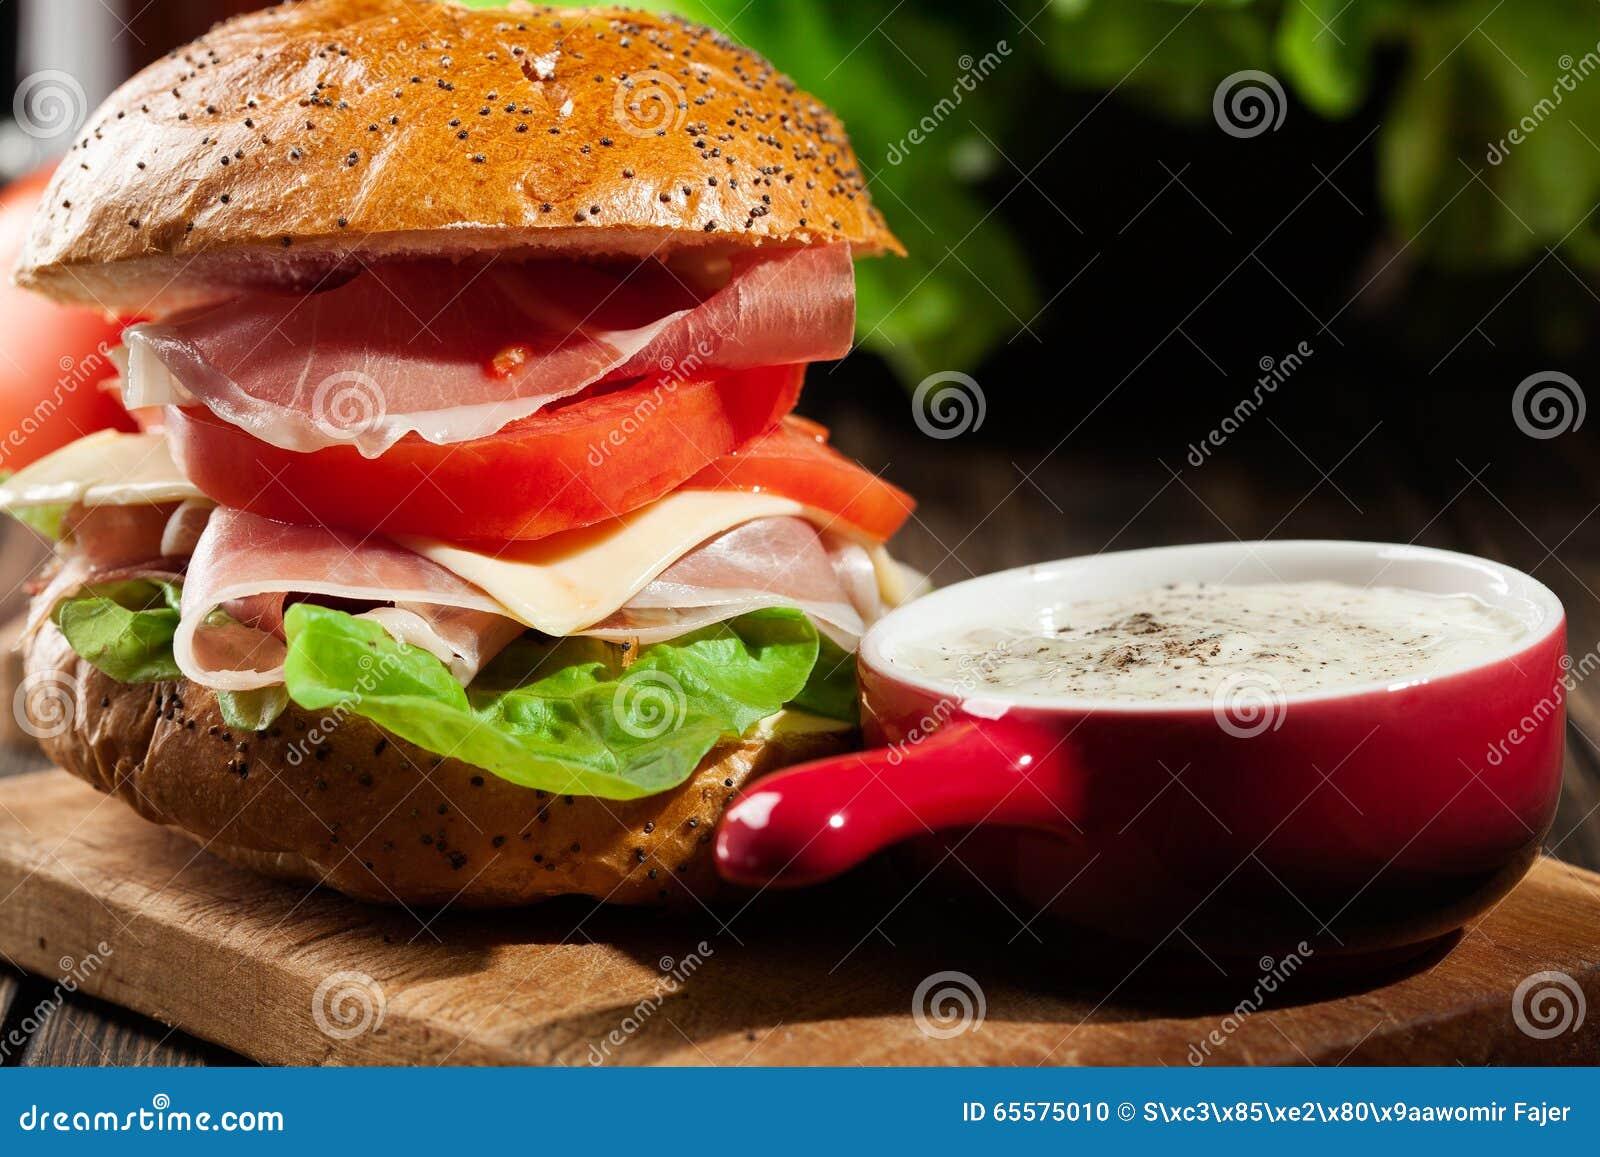 Sanduíche delicioso com presunto, queijo e vegetais de prosciutto